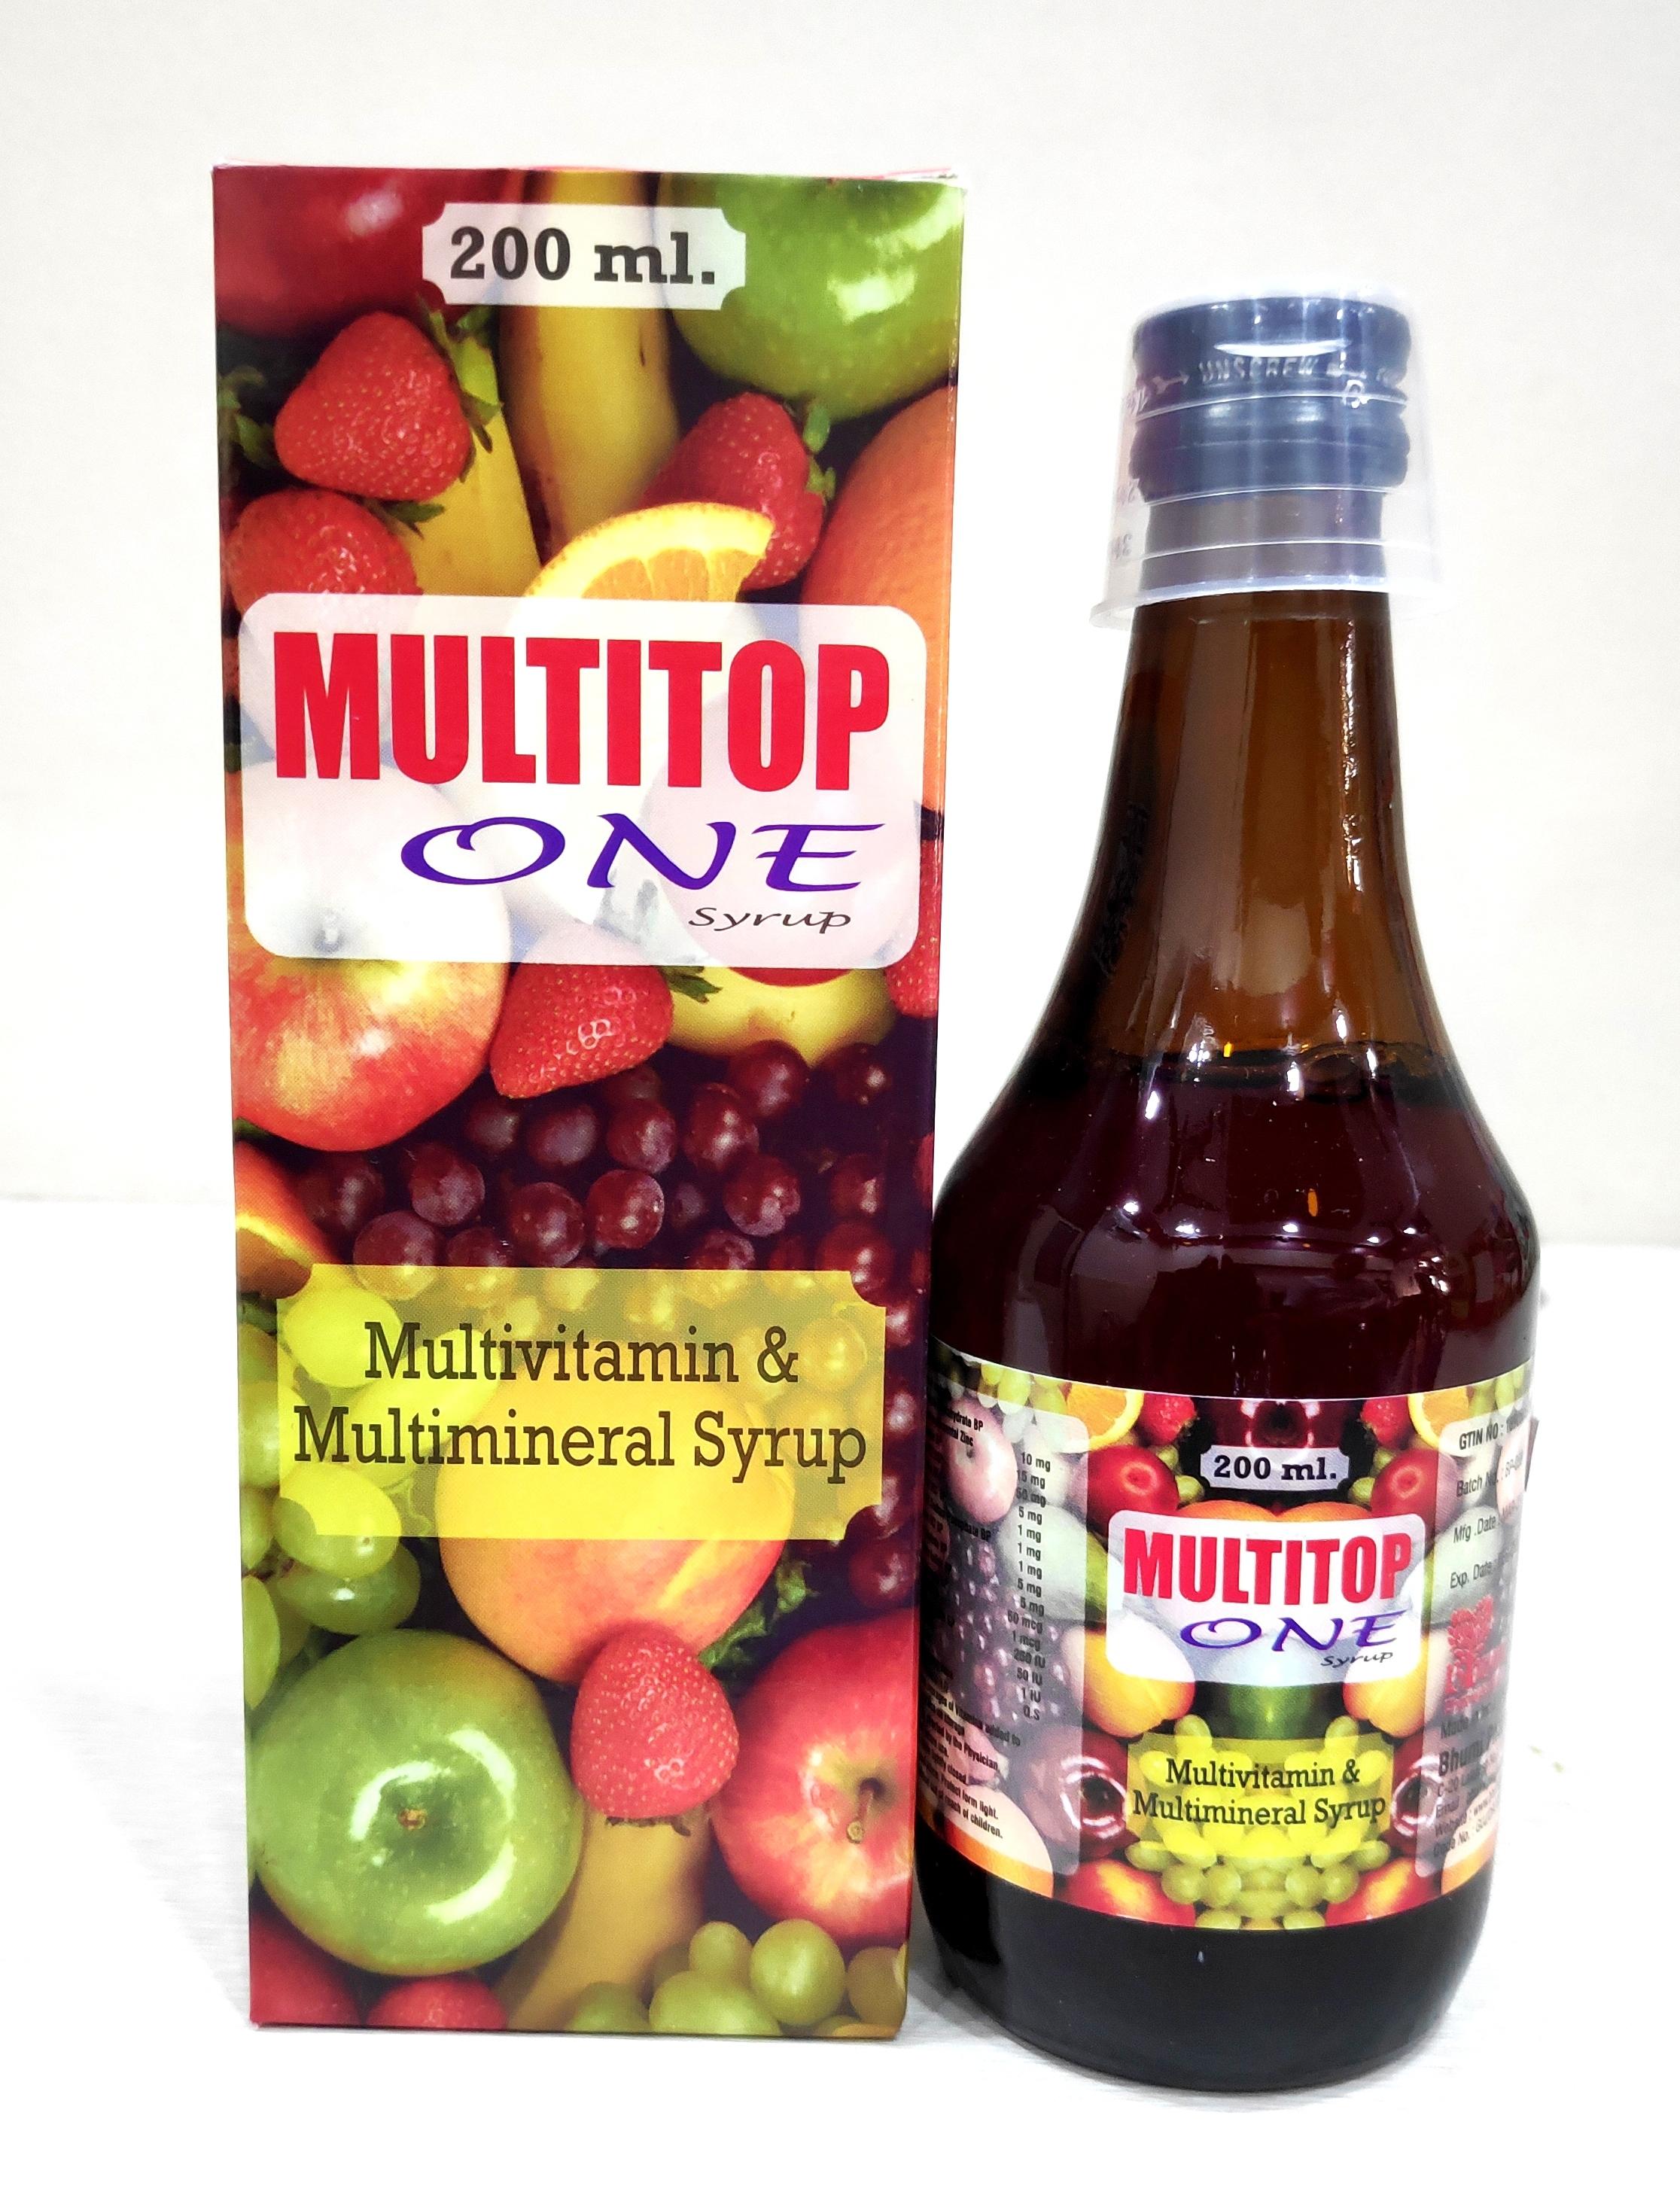 Multivitamin & Multimineral  Syrup